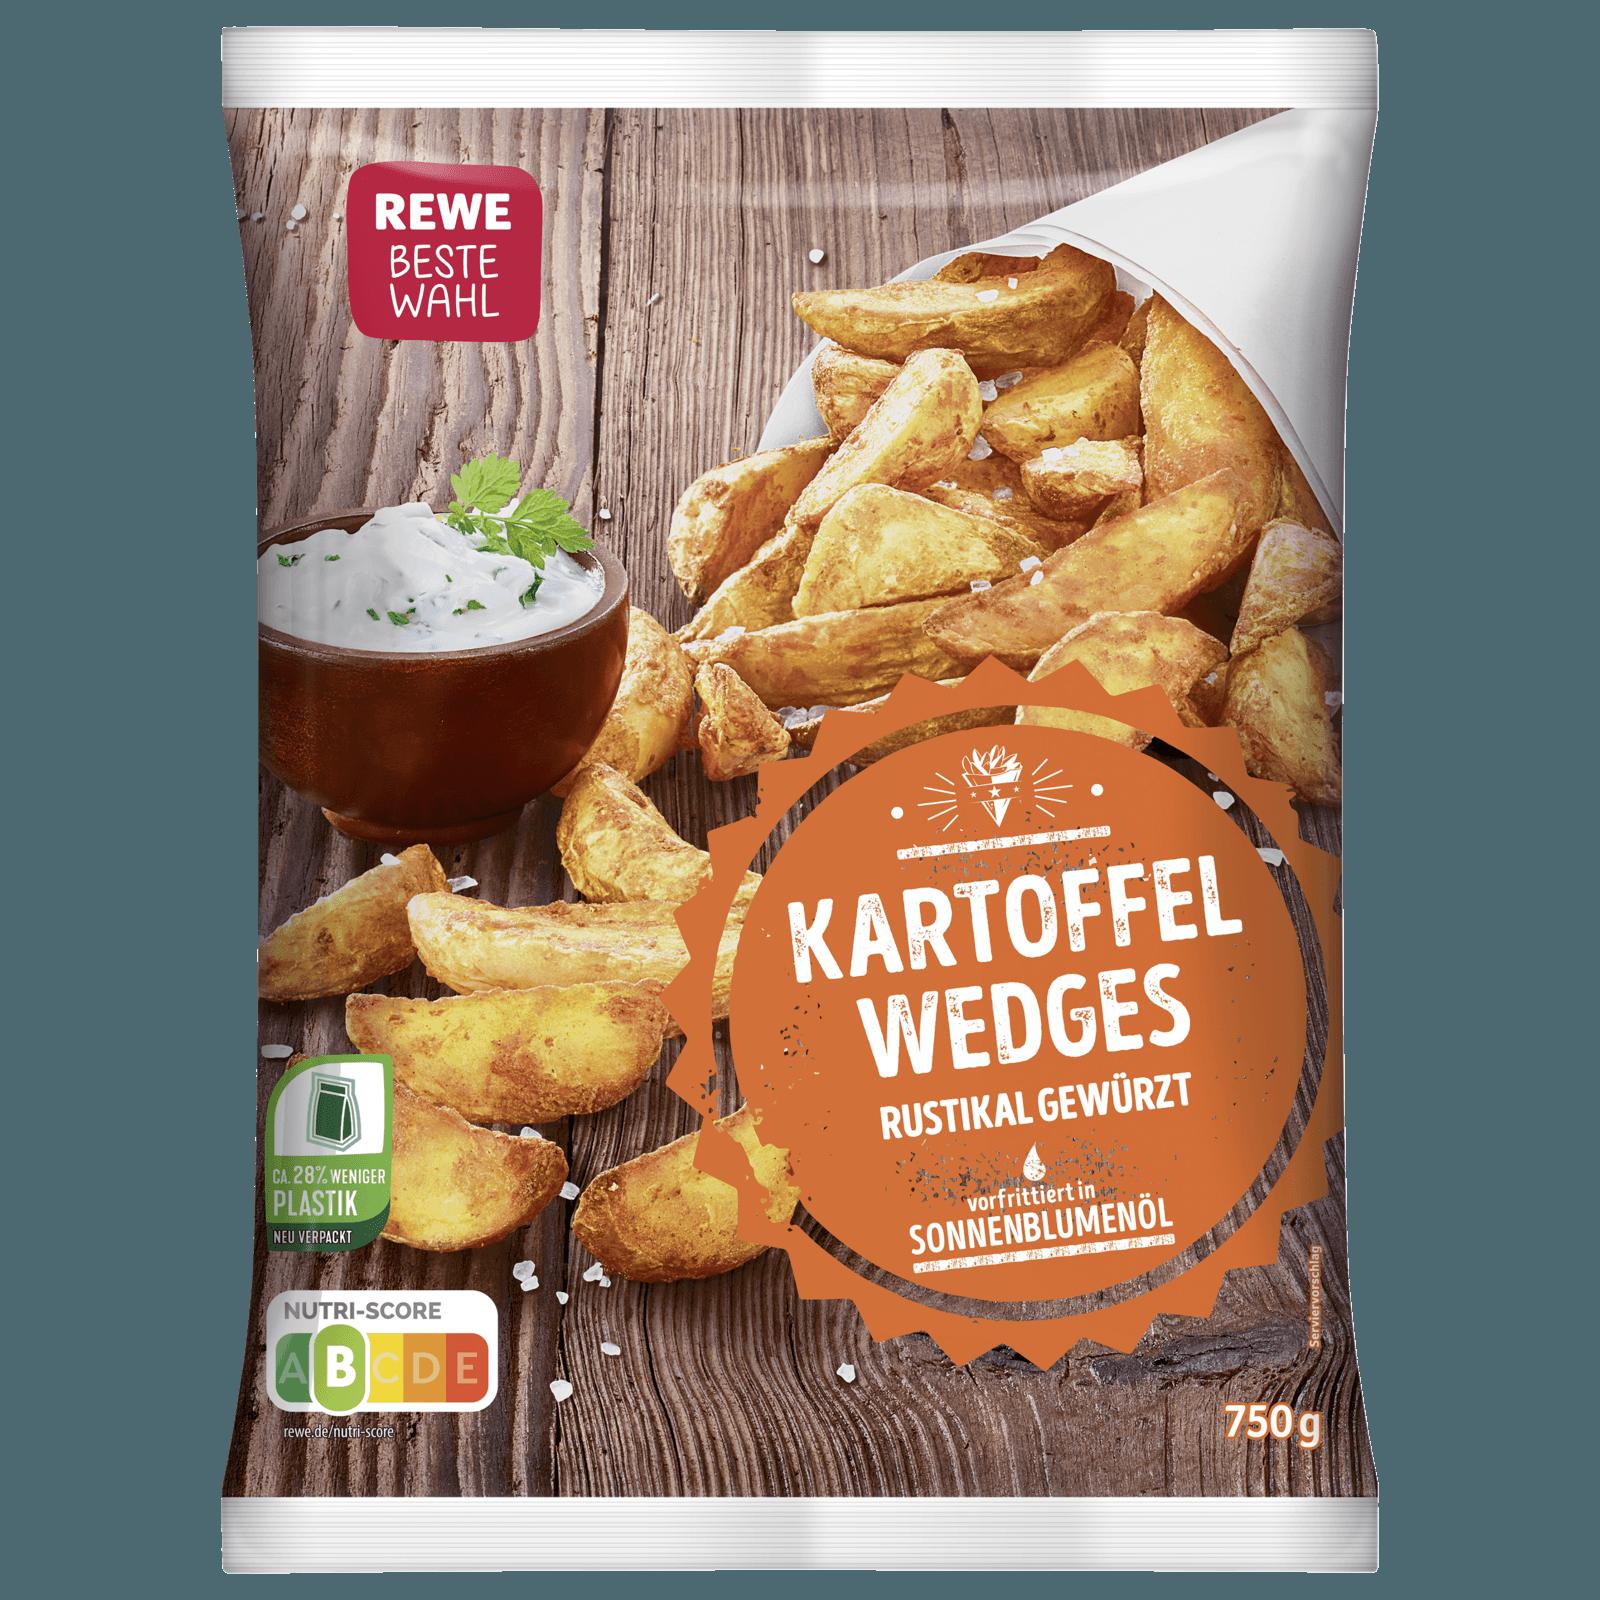 Kartoffel Kcal rewe beste wahl kartoffel wedges würzig lecker 750g bei rewe